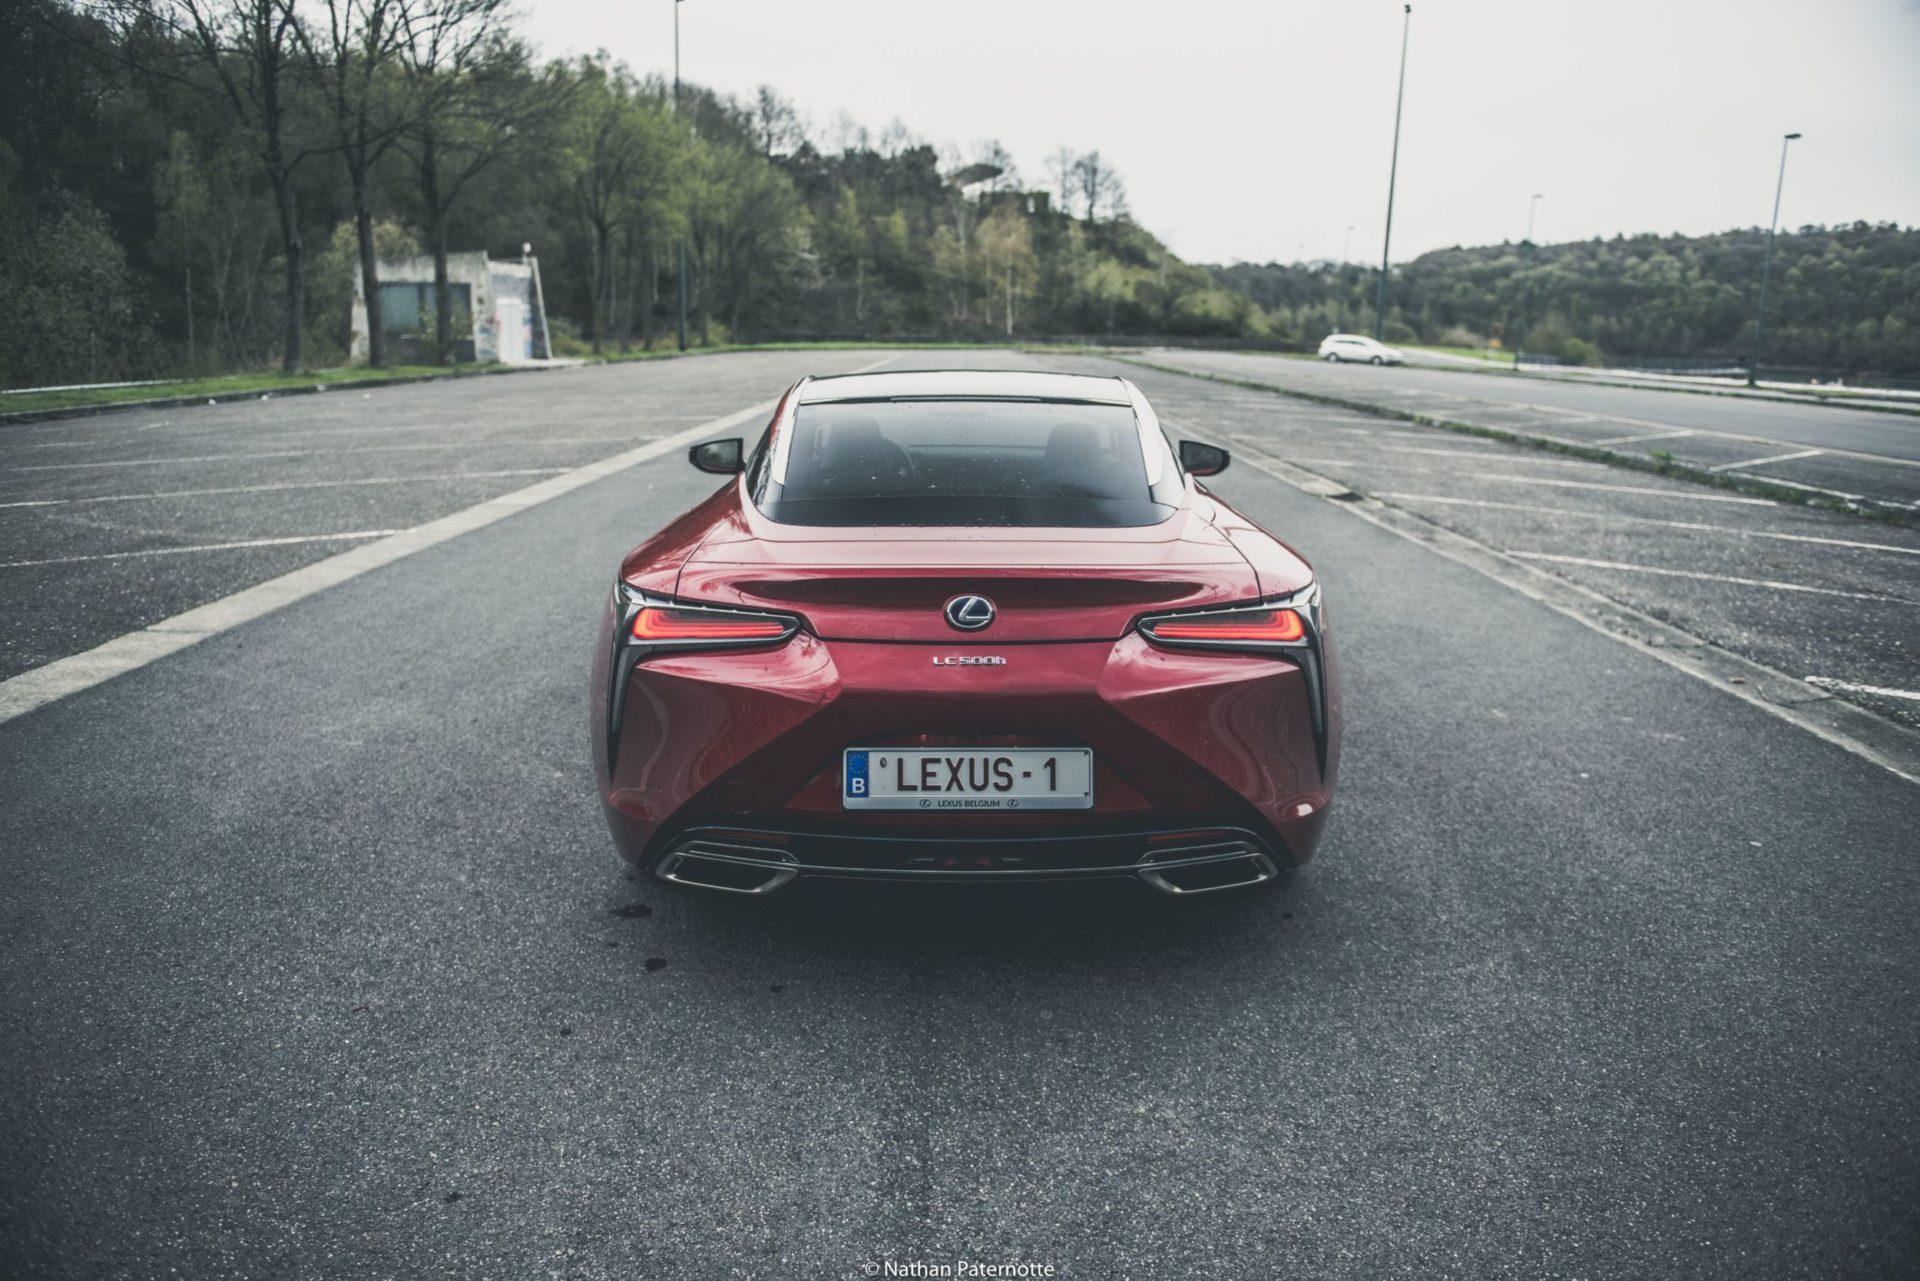 Lexus Europe : Le cap du million de voitures vendues dépassé !